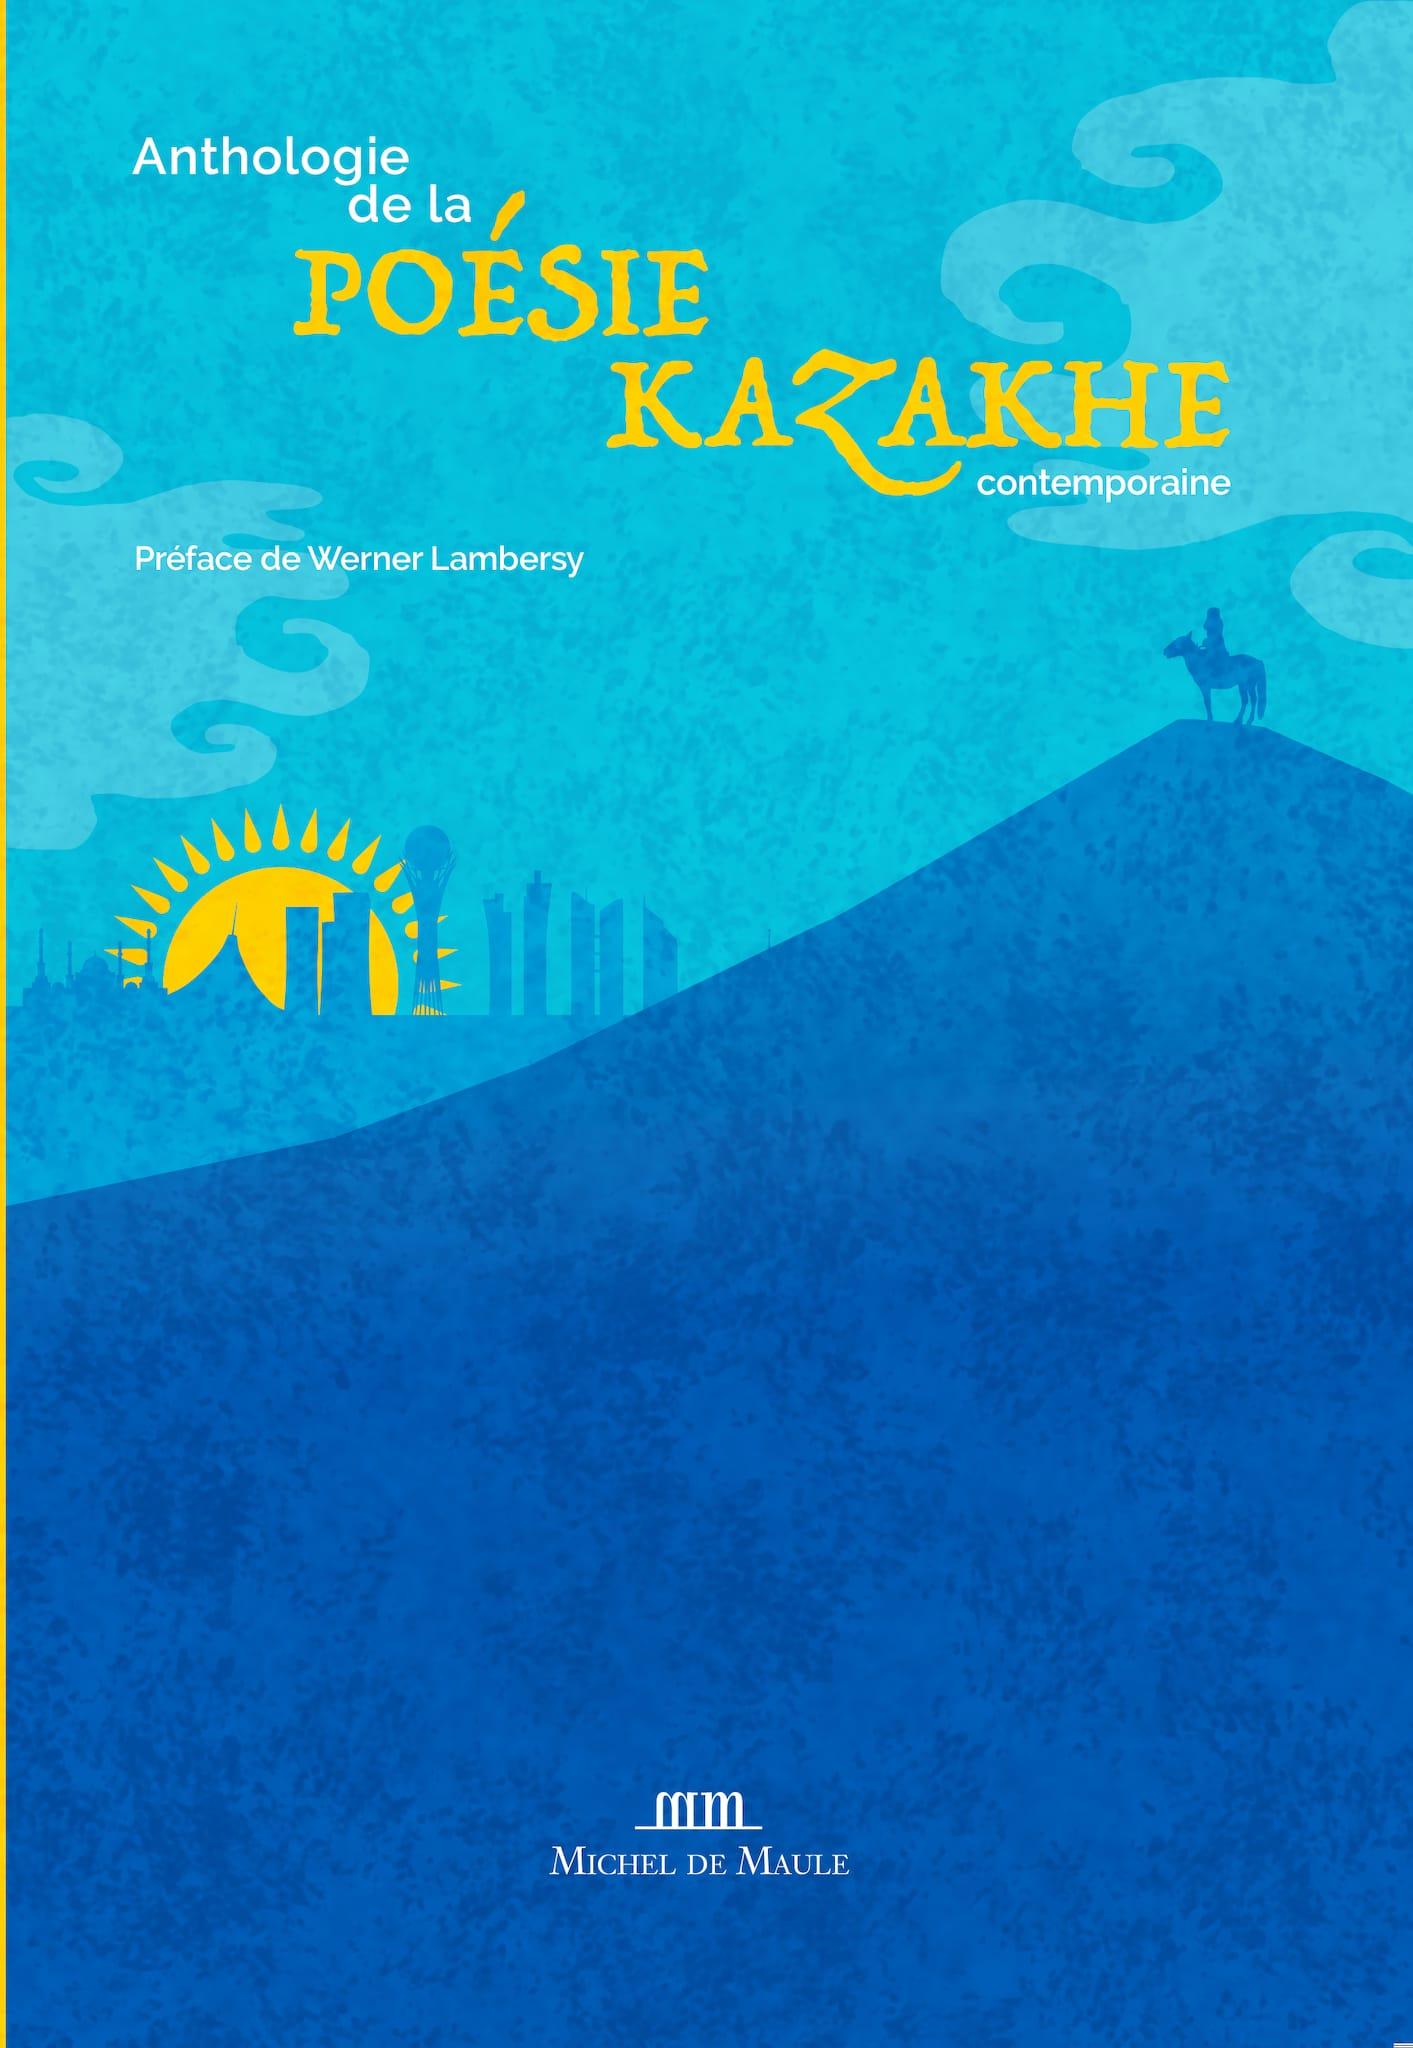 Anthologie de la poésie kazakhe contemporaine visuel